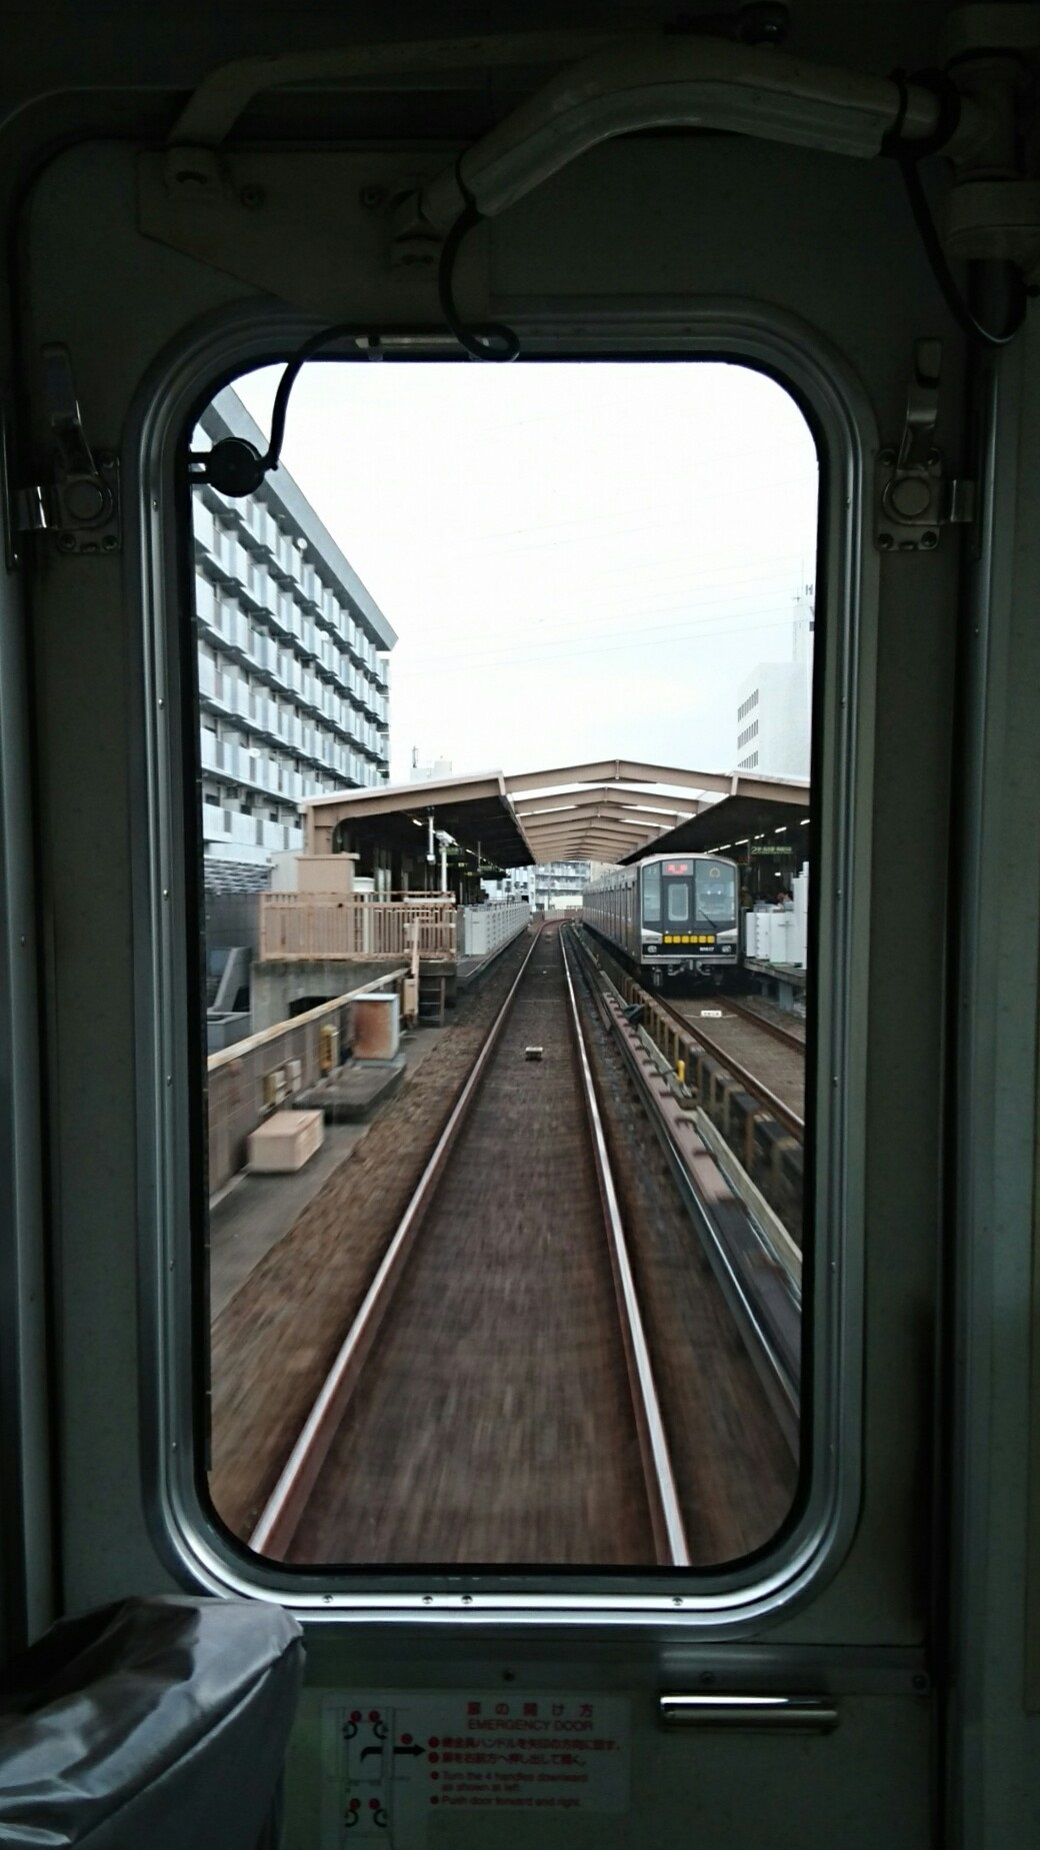 2018.7.27 (14) 藤が丘いき - 上社 1040-1850